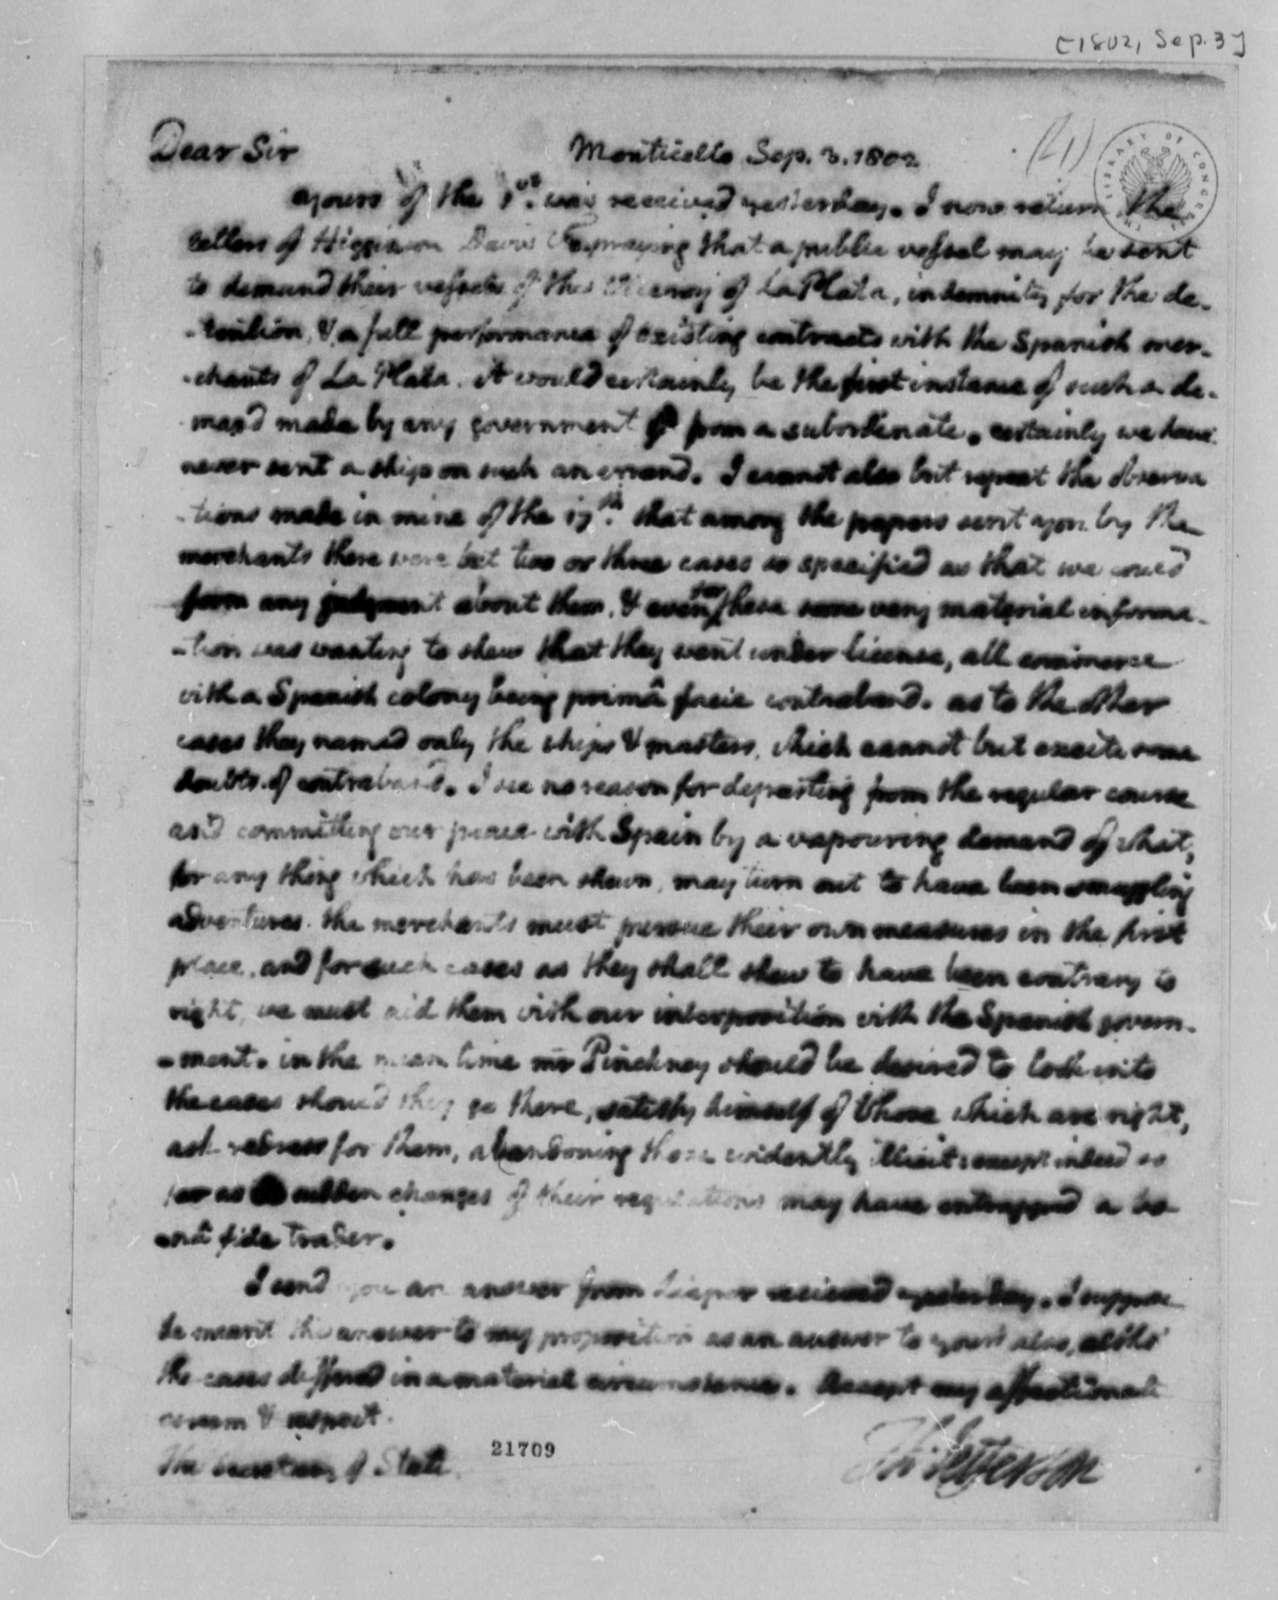 Thomas Jefferson to James Madison, September 3, 1802